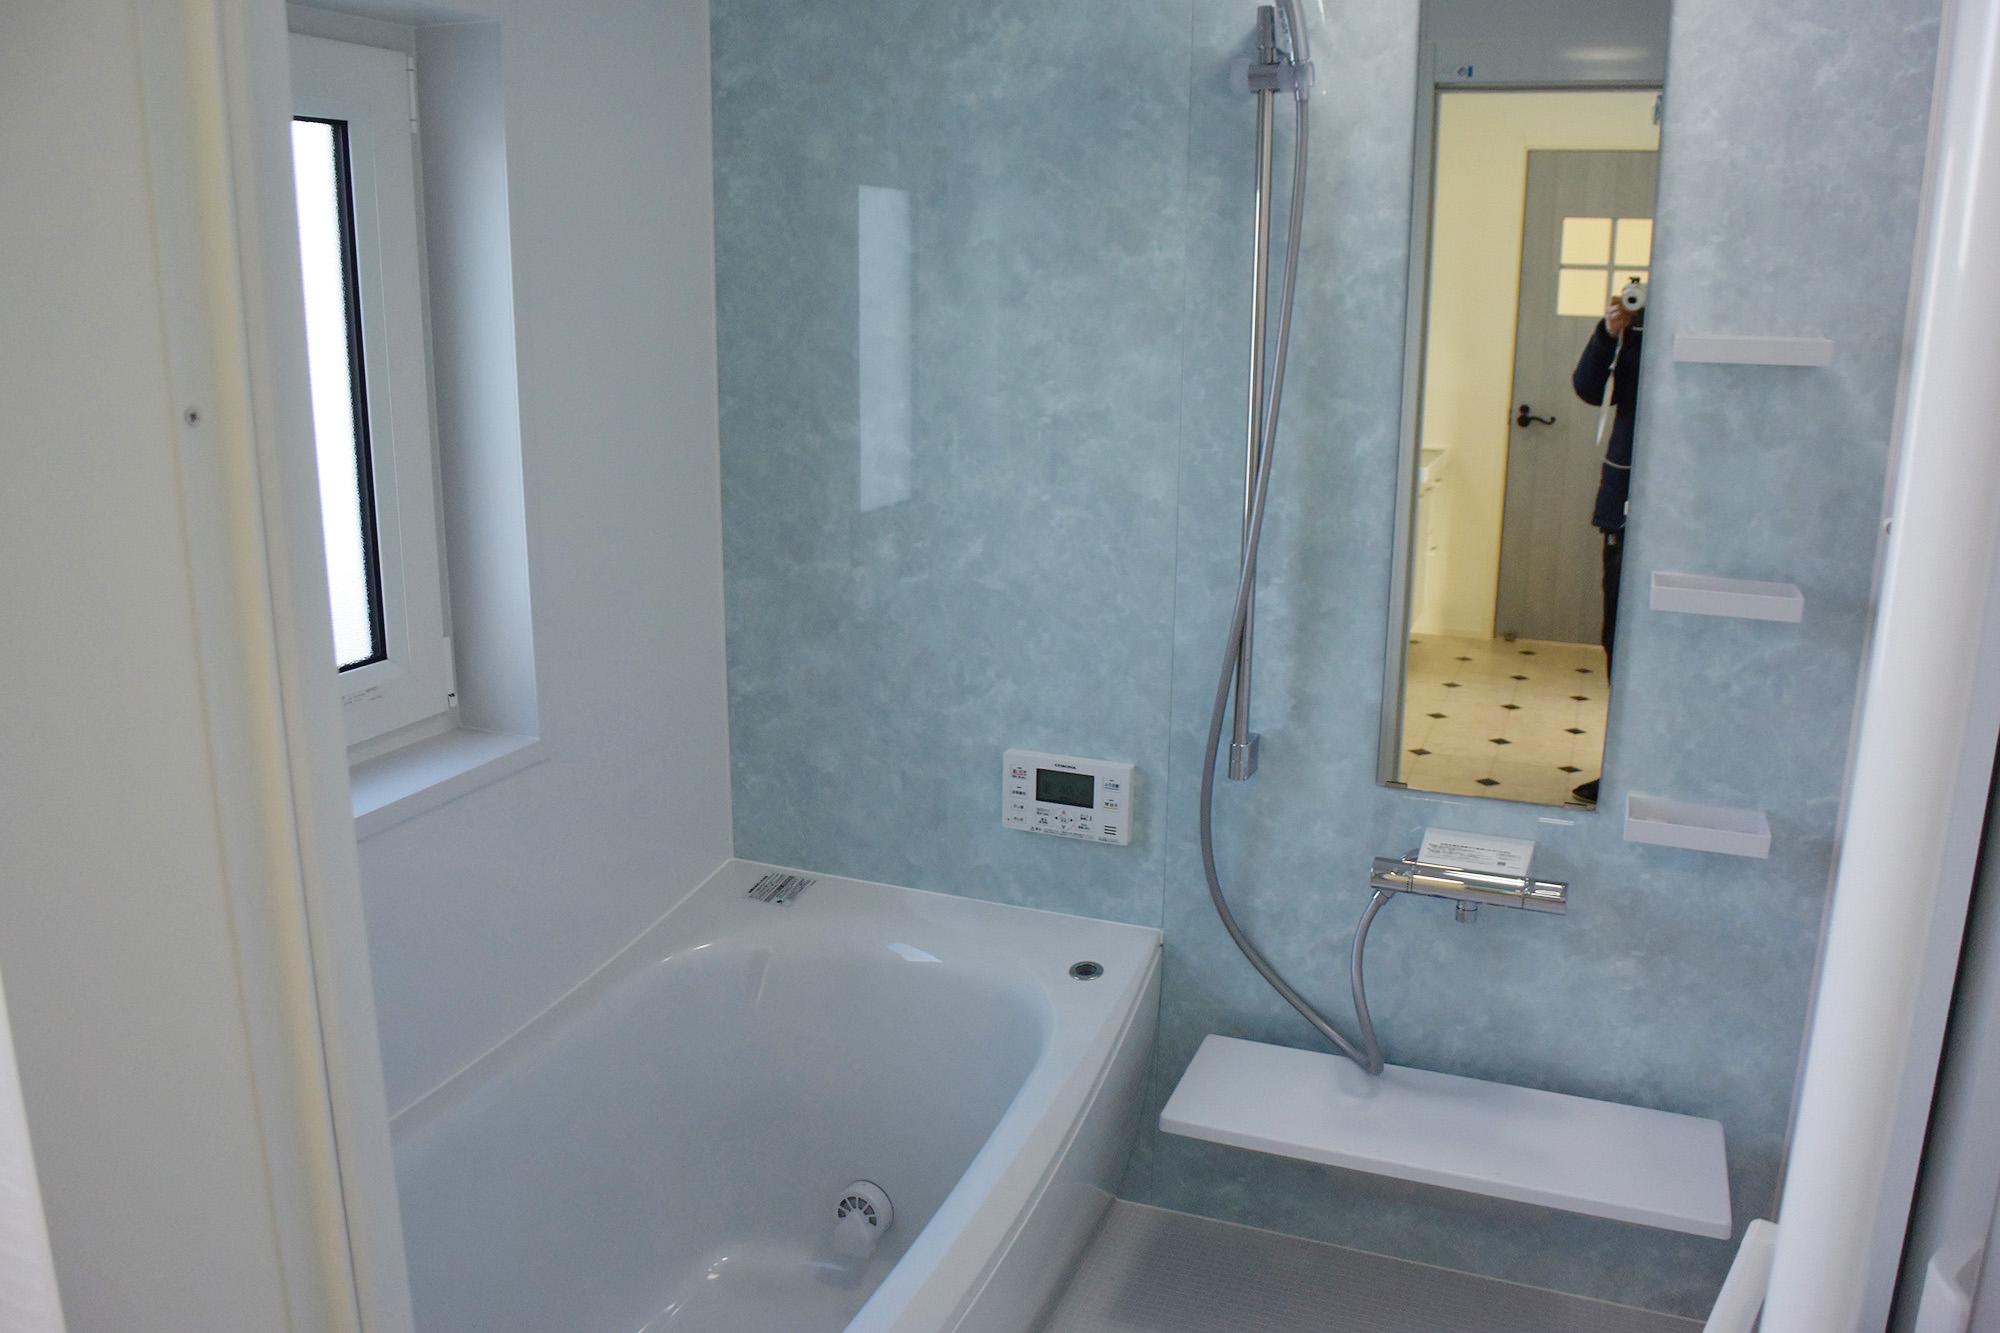 ゆったりくつろげる広々バスルーム。水回りの動線も工夫されています。